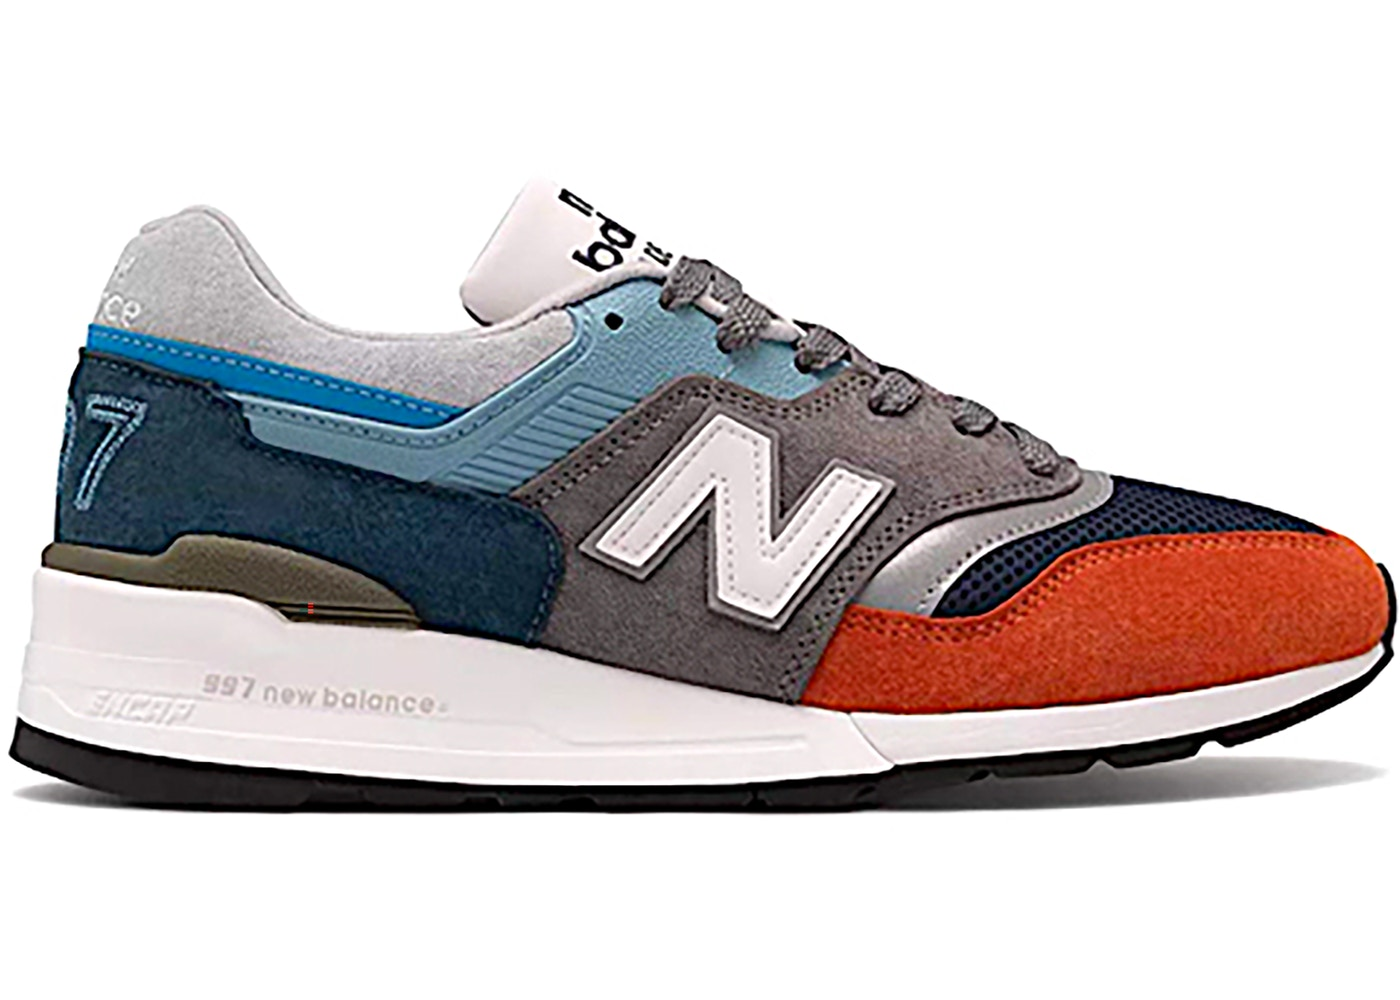 New Balance 997 Oversized Blue Orange